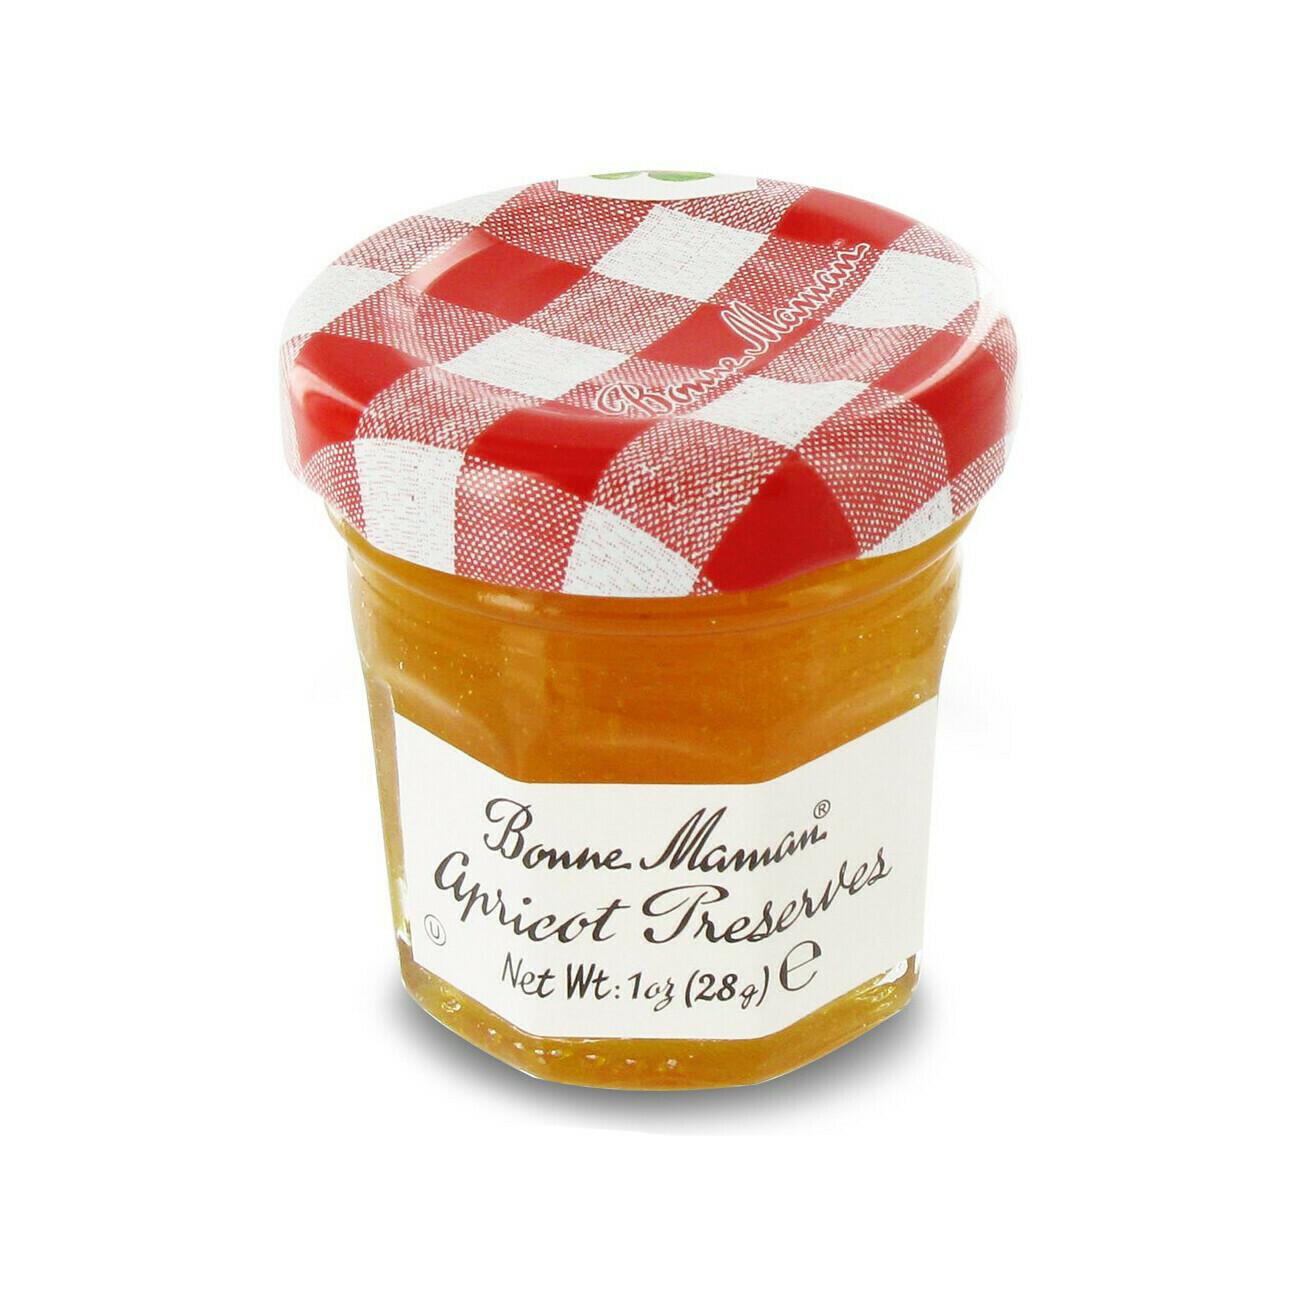 Bonne Maman Apricot Preserve France 1oz